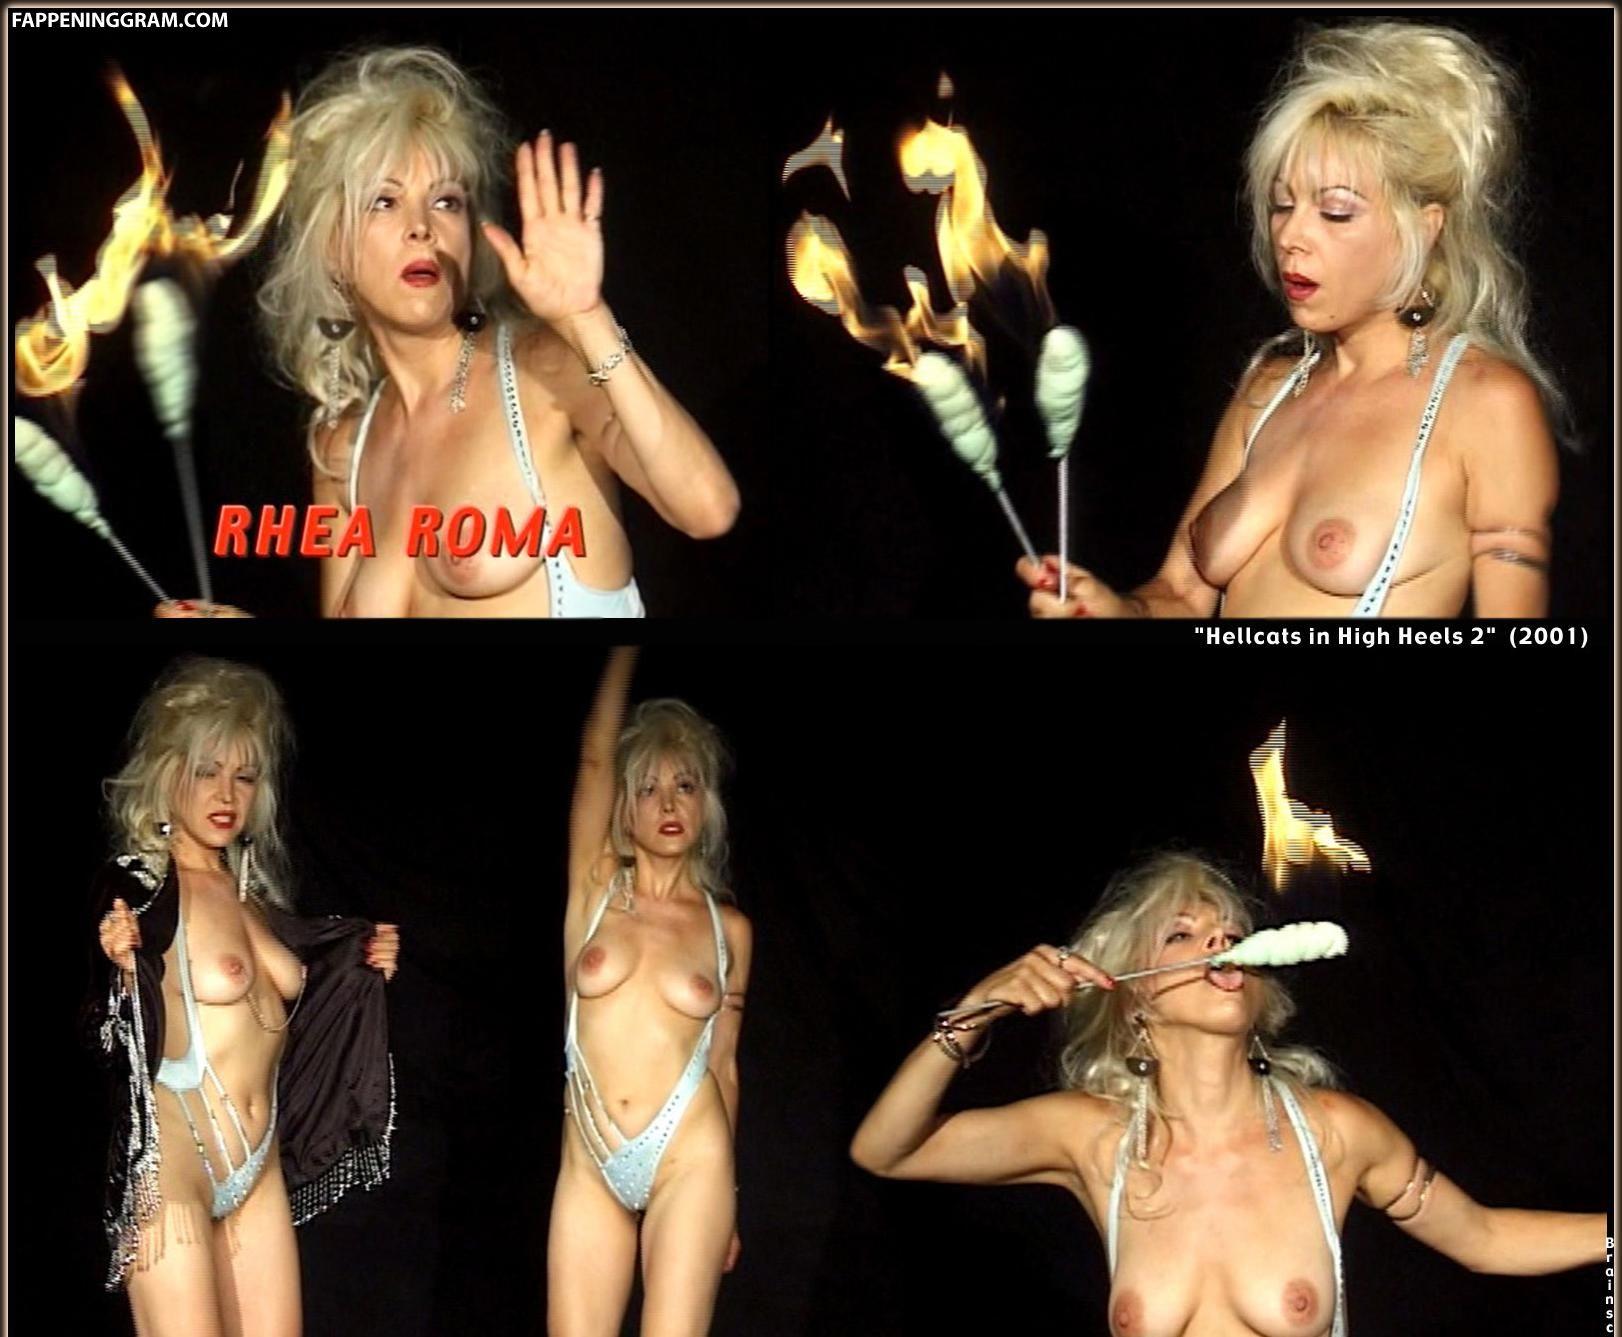 Rhea nackt Roma Rhea Harder